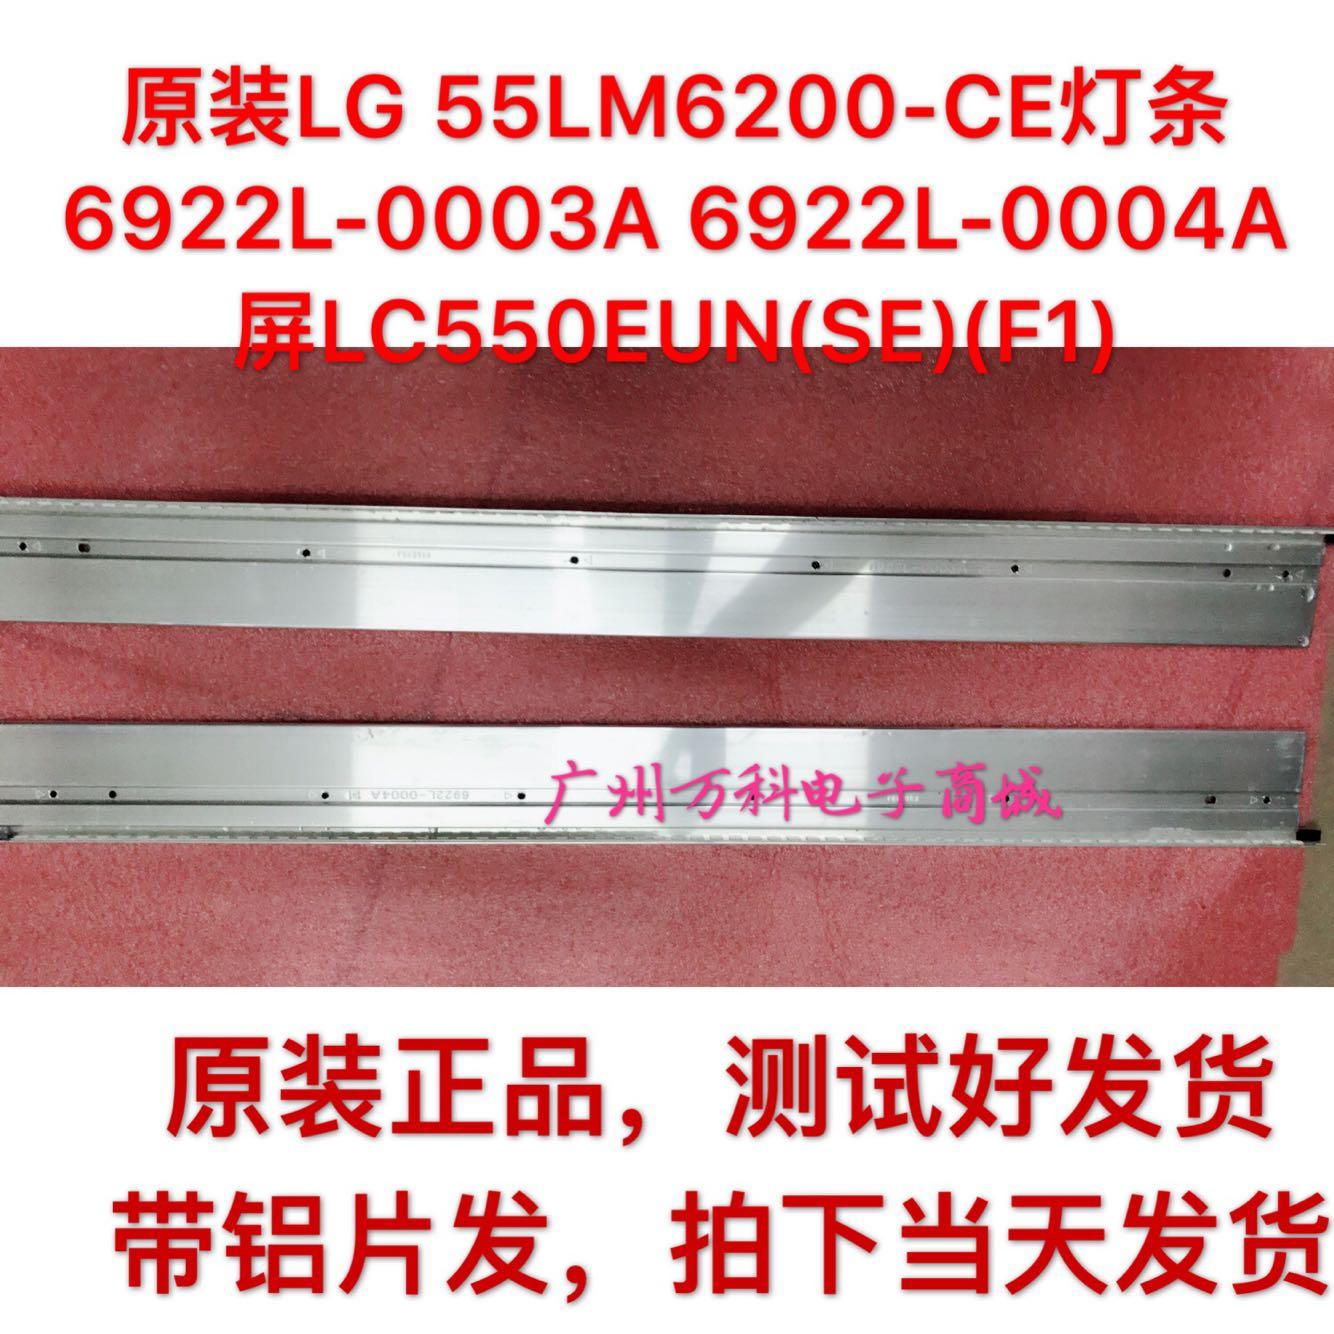 LG55LM6200-CE灯条6922L-0003A 6922L-0004A屏LC550EUN(SE)(F1)